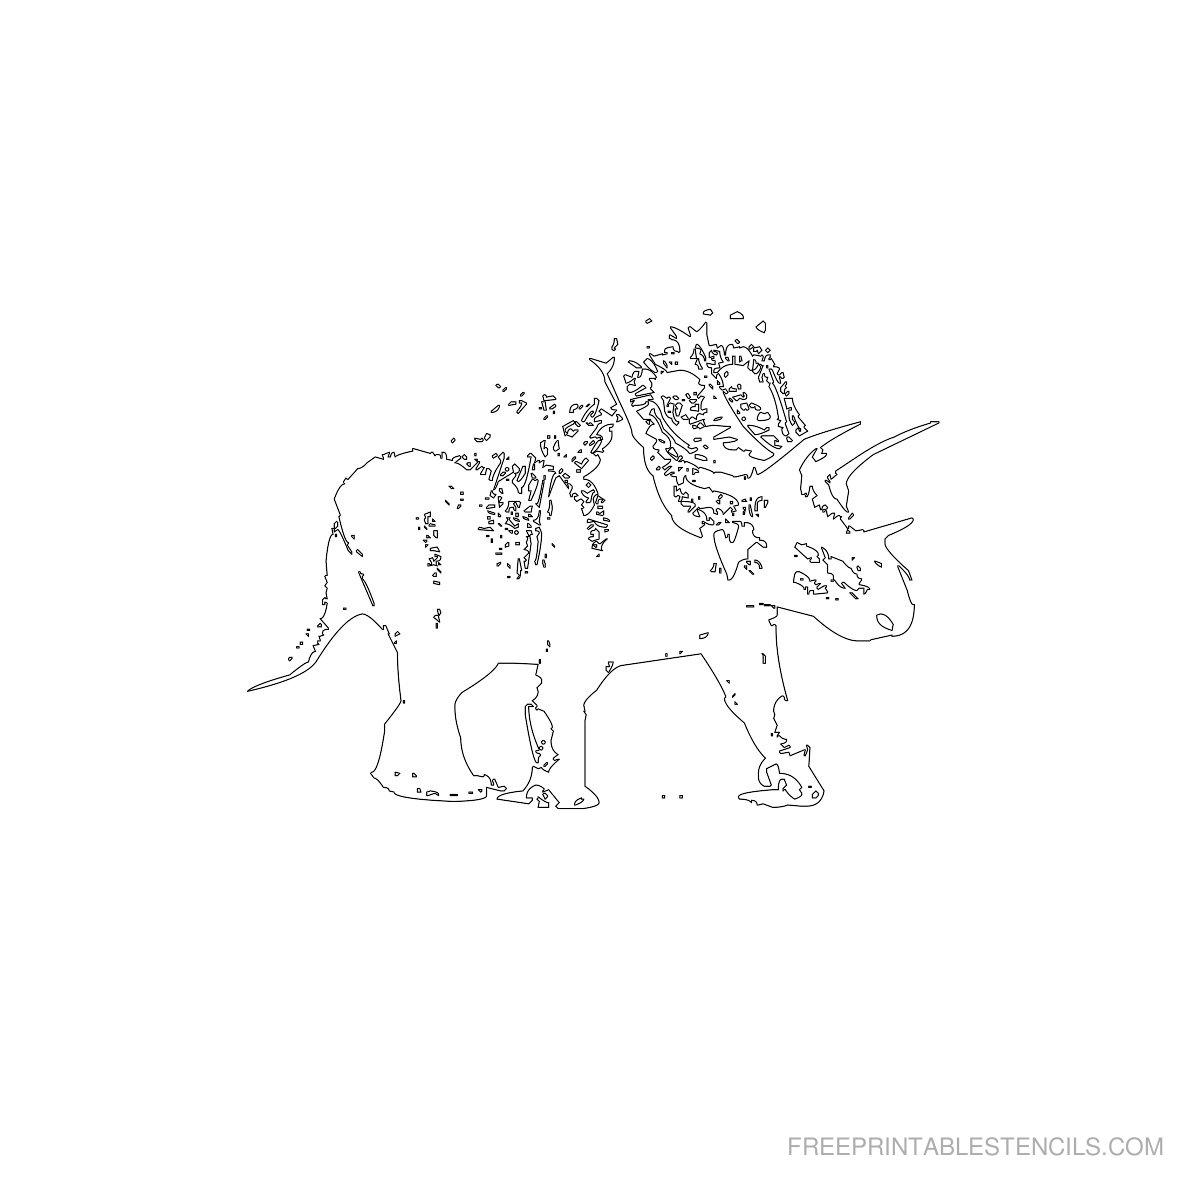 Free Printable Dinosaur Stencil V